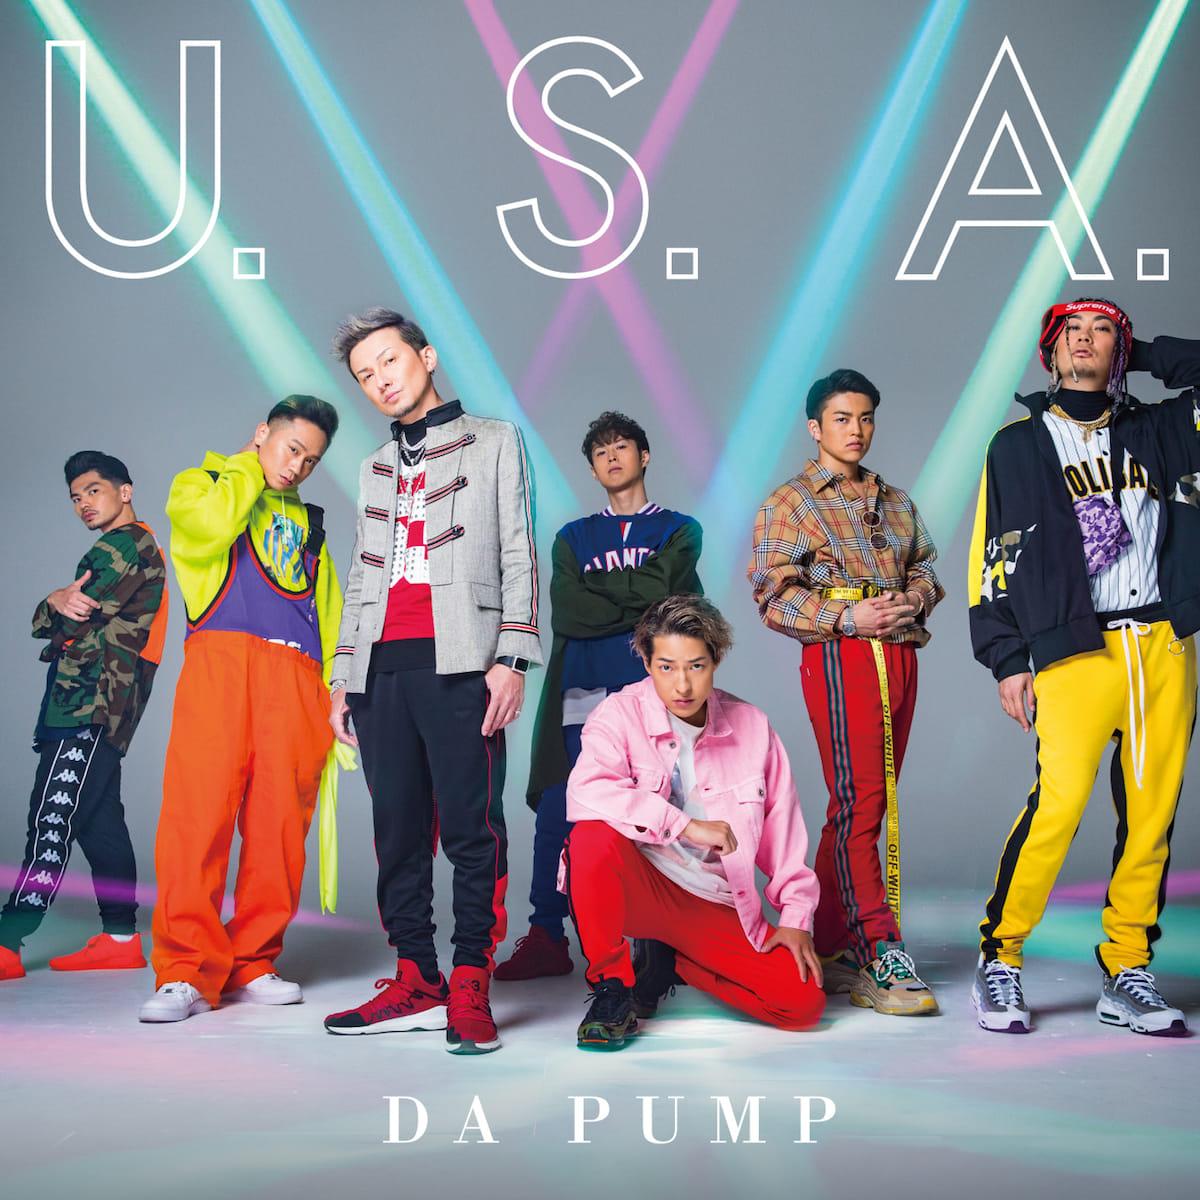 DA PUMPの名曲がサブスク配信開始!ダサかっこ良いと話題の新曲も先行配信スタート music180523-dapump-3-1200x1200